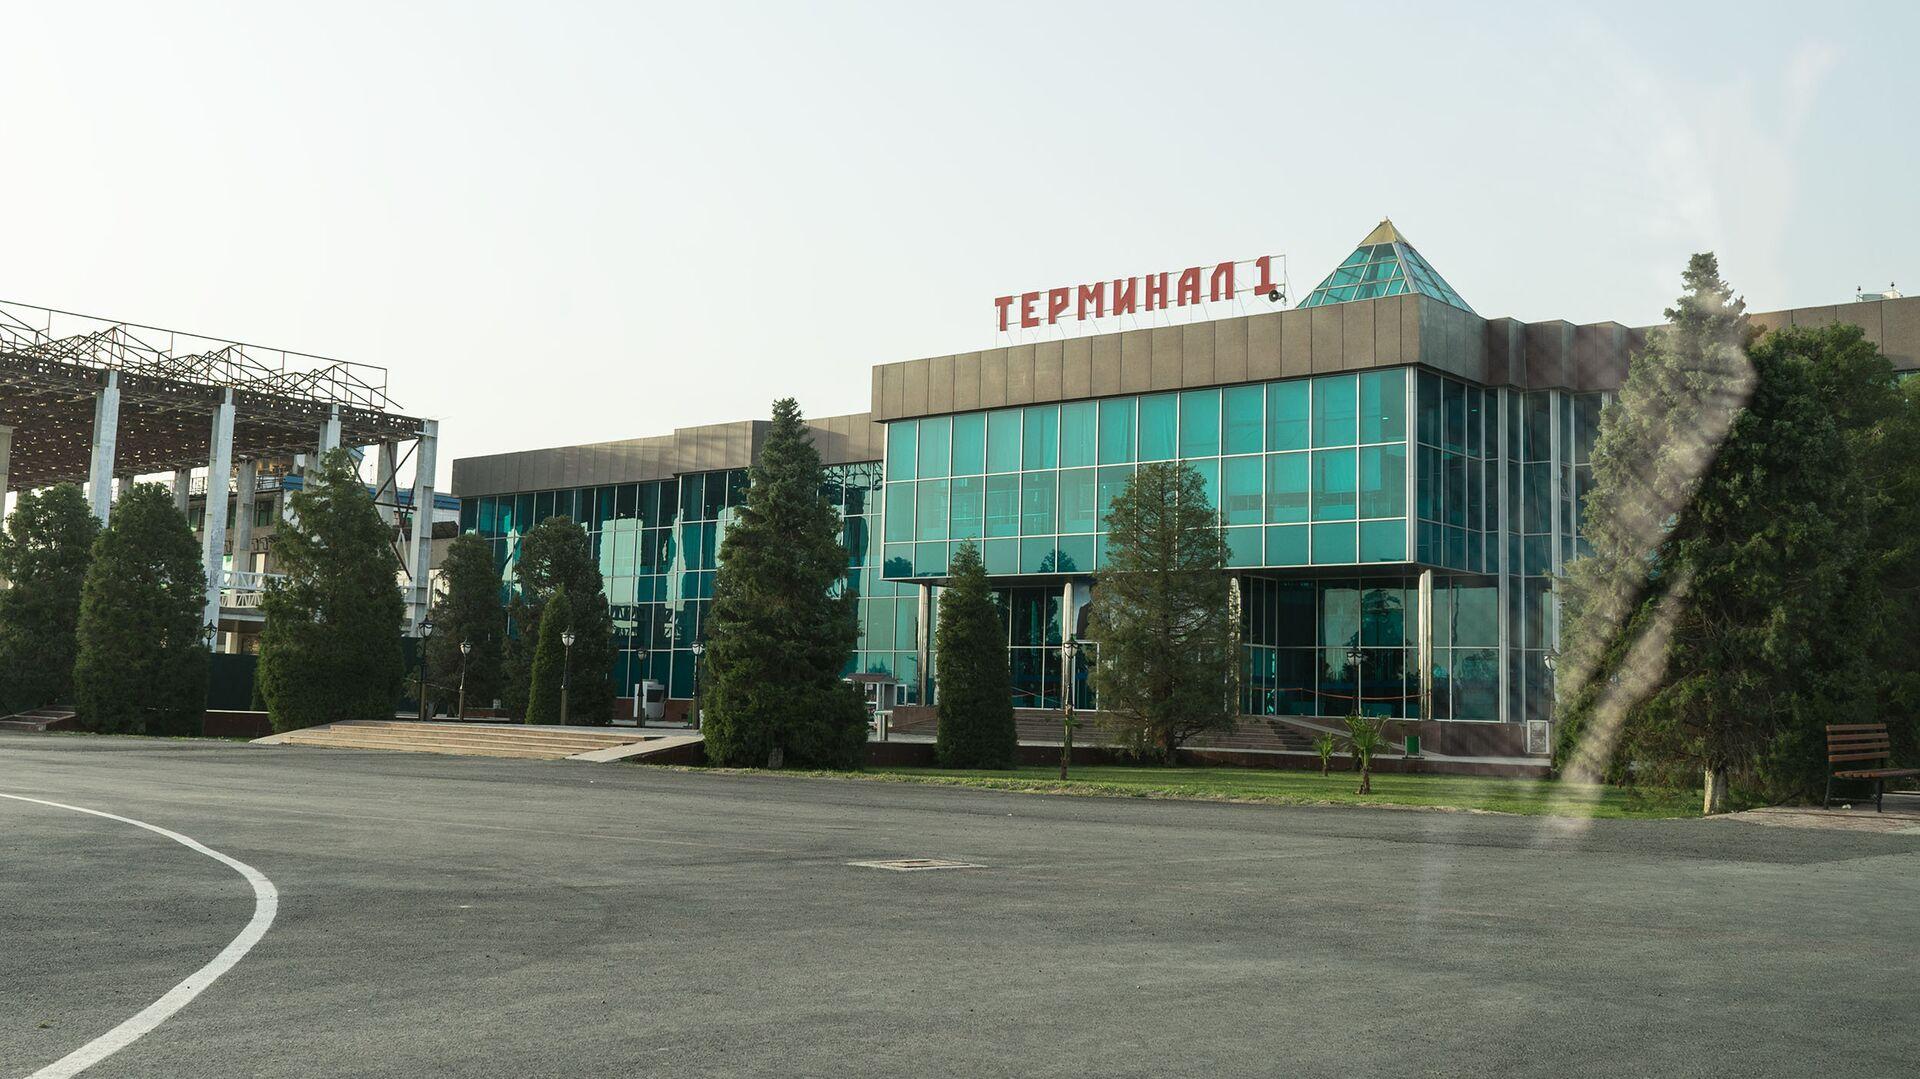 Аэропорт в городе Худжанд, архивное фото - Sputnik Тоҷикистон, 1920, 07.10.2021